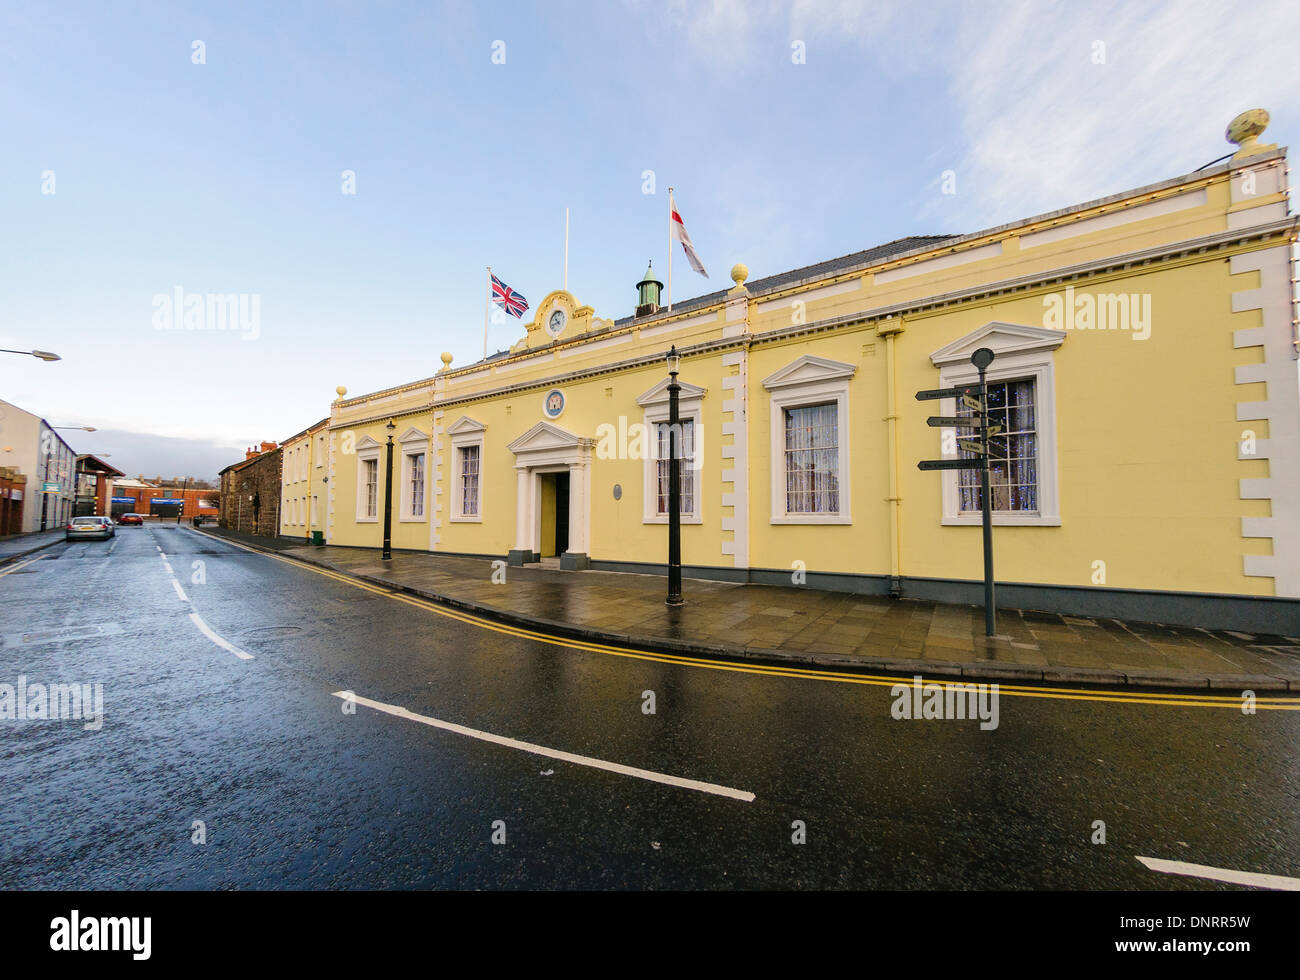 Carrickfergus Town Hall - Stock Image